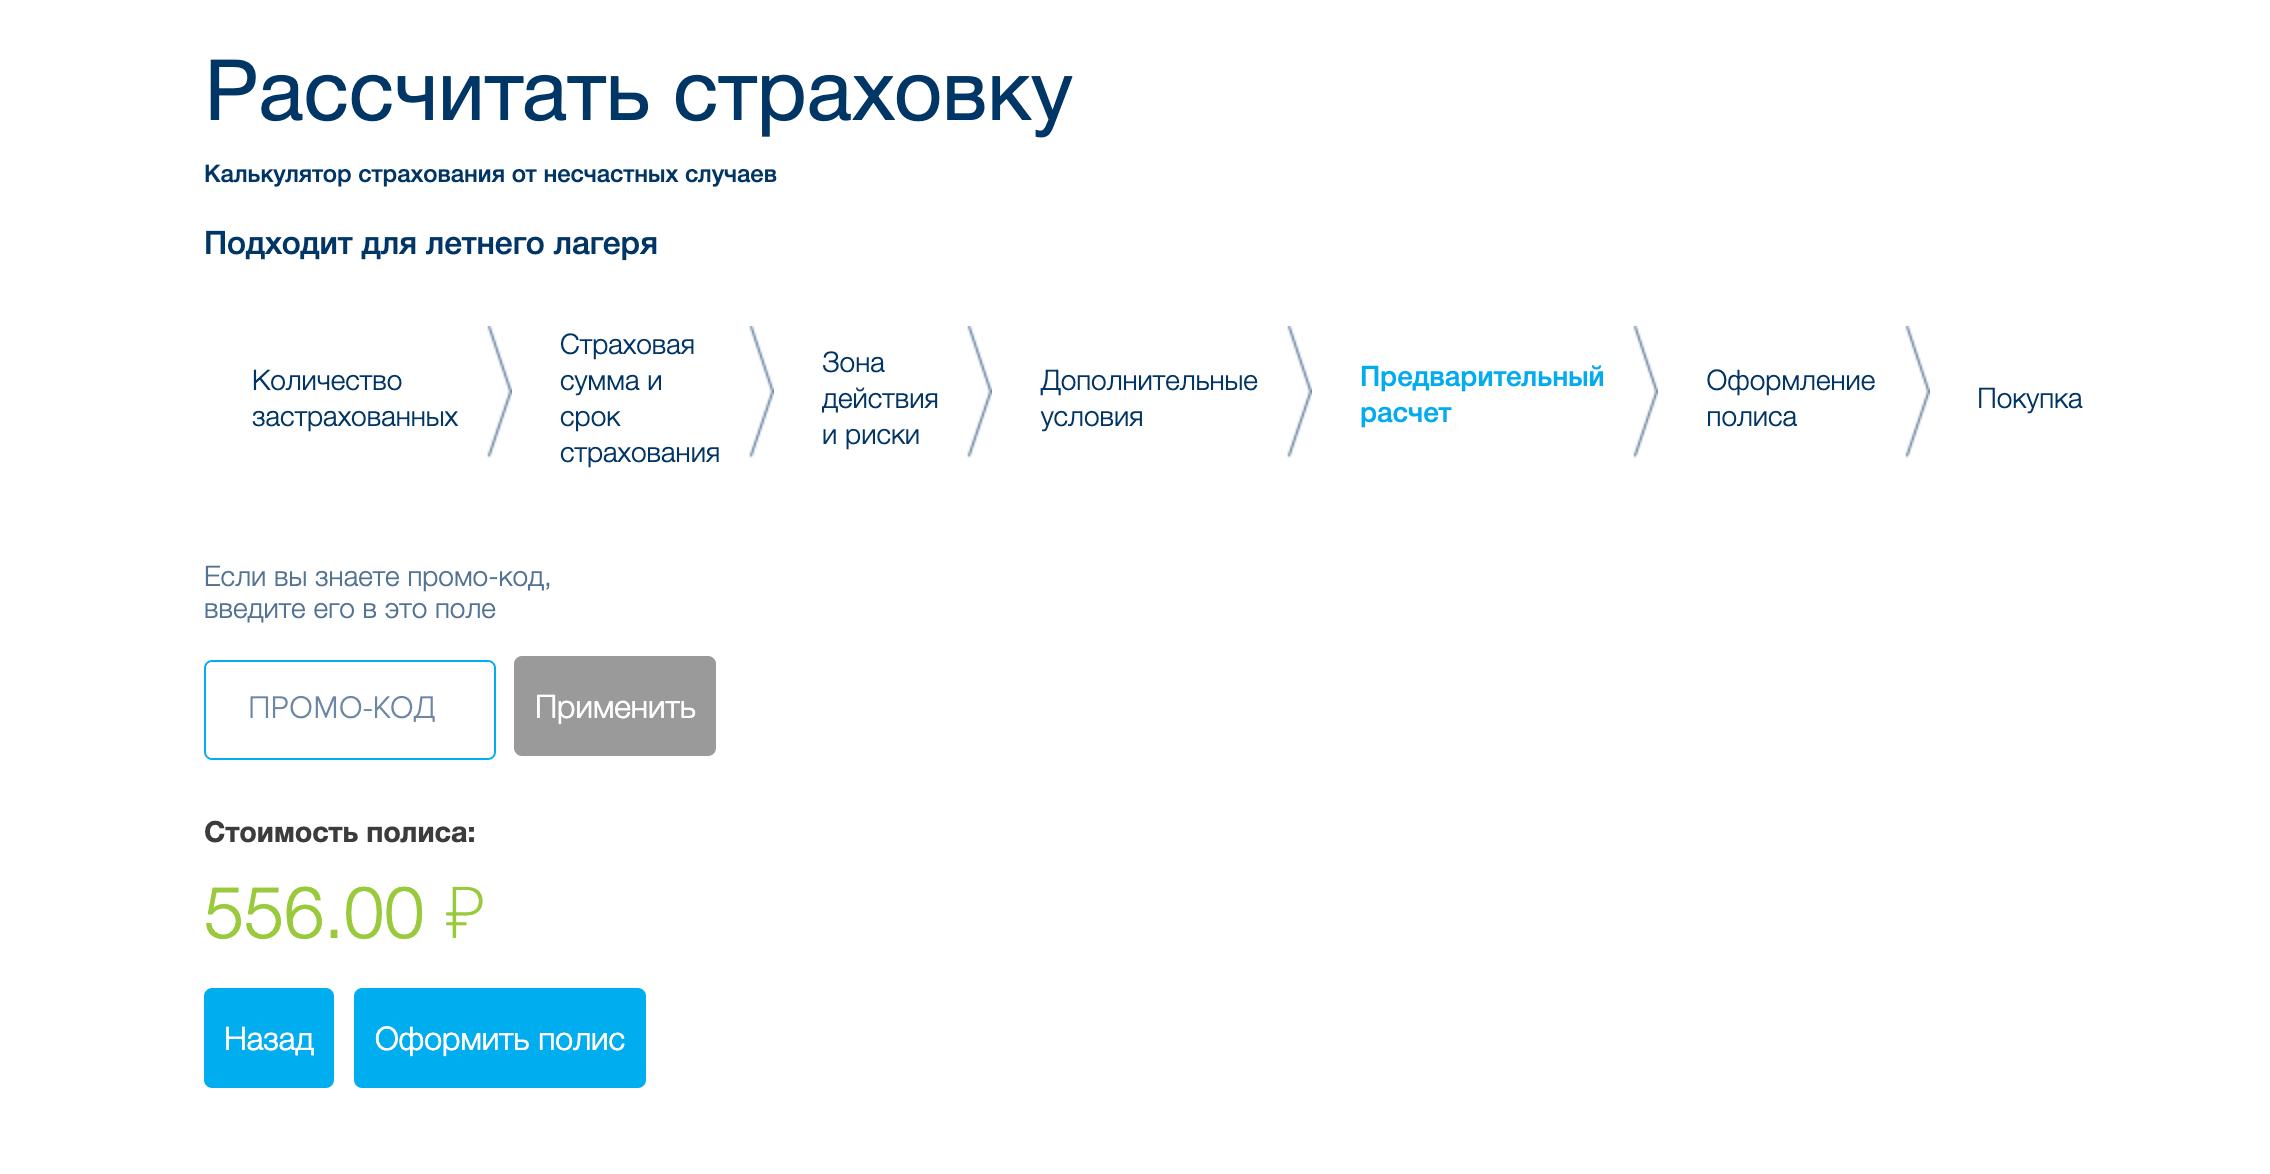 Я застраховался на 200 000 рублей на случай смерти и инвалидности. В случае травмы заплатят долю от 120 000 рублей в зависимости от степени тяжести